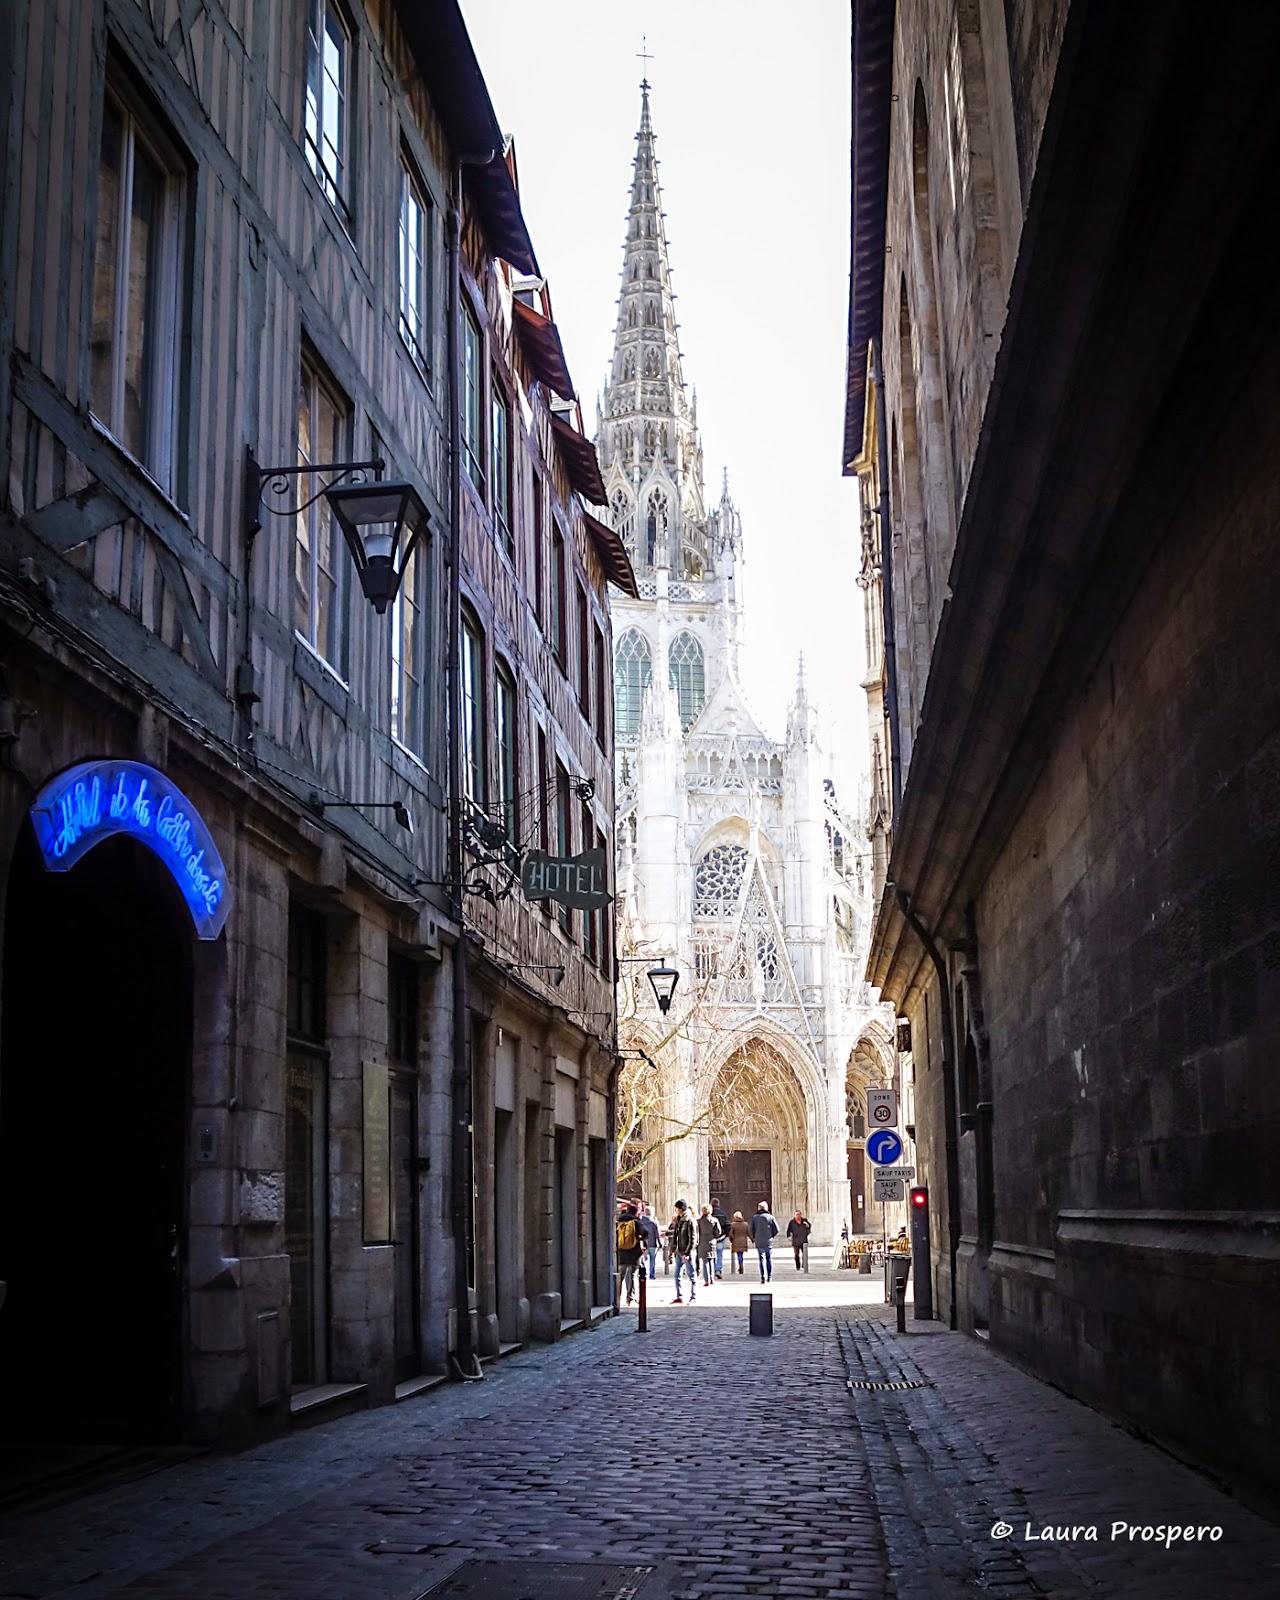 Eglise Saint-Maclou vue de la rue Saint-Romain, Rouen 2015 © Laura Prospero